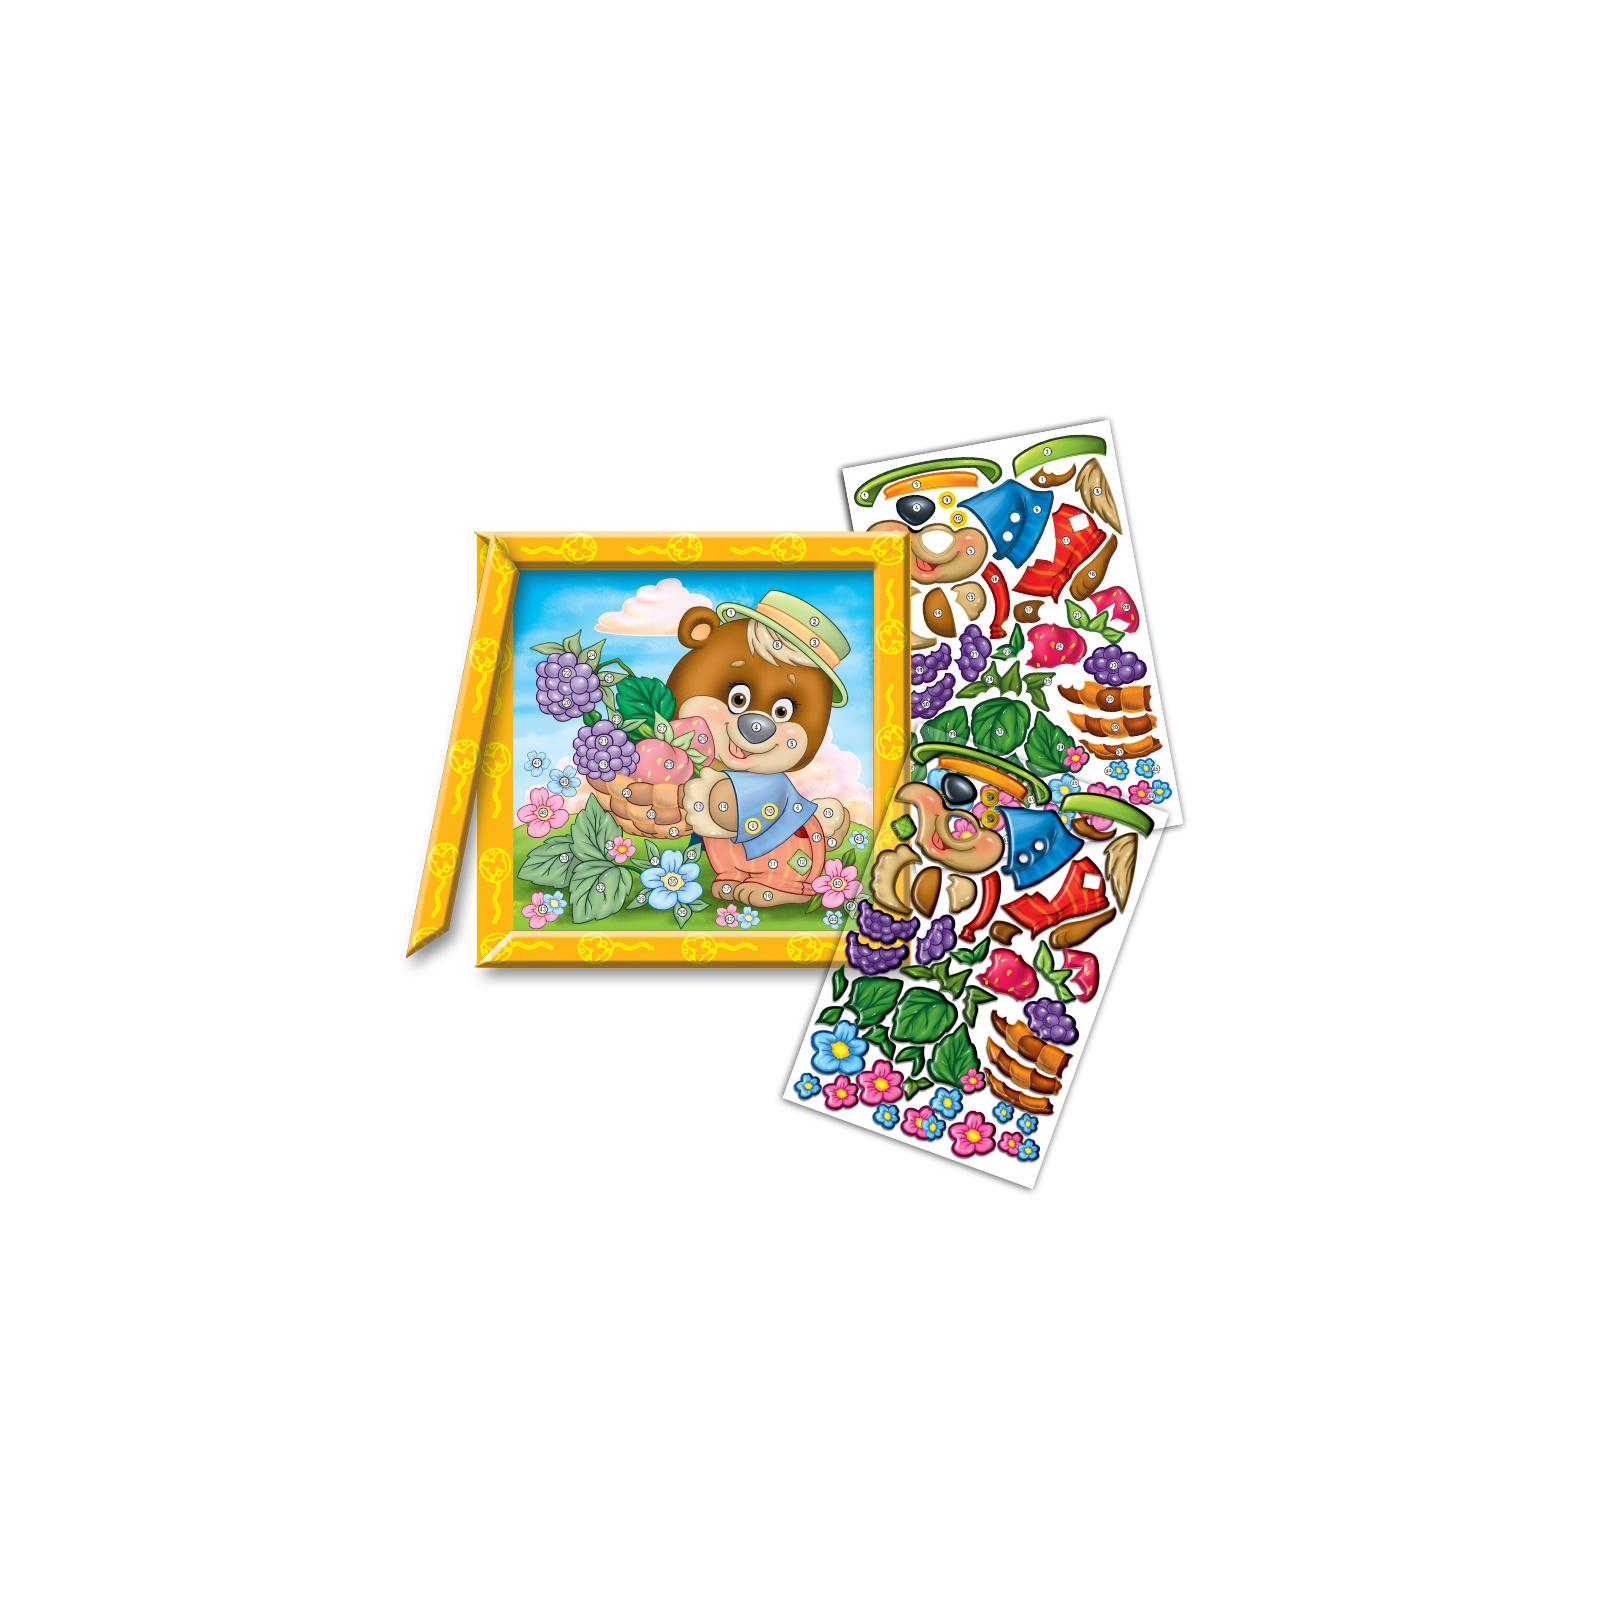 Набор для творчества Vladi Toys Кристалл картина Мишка с лукошком (VT4010-01) изображение 2